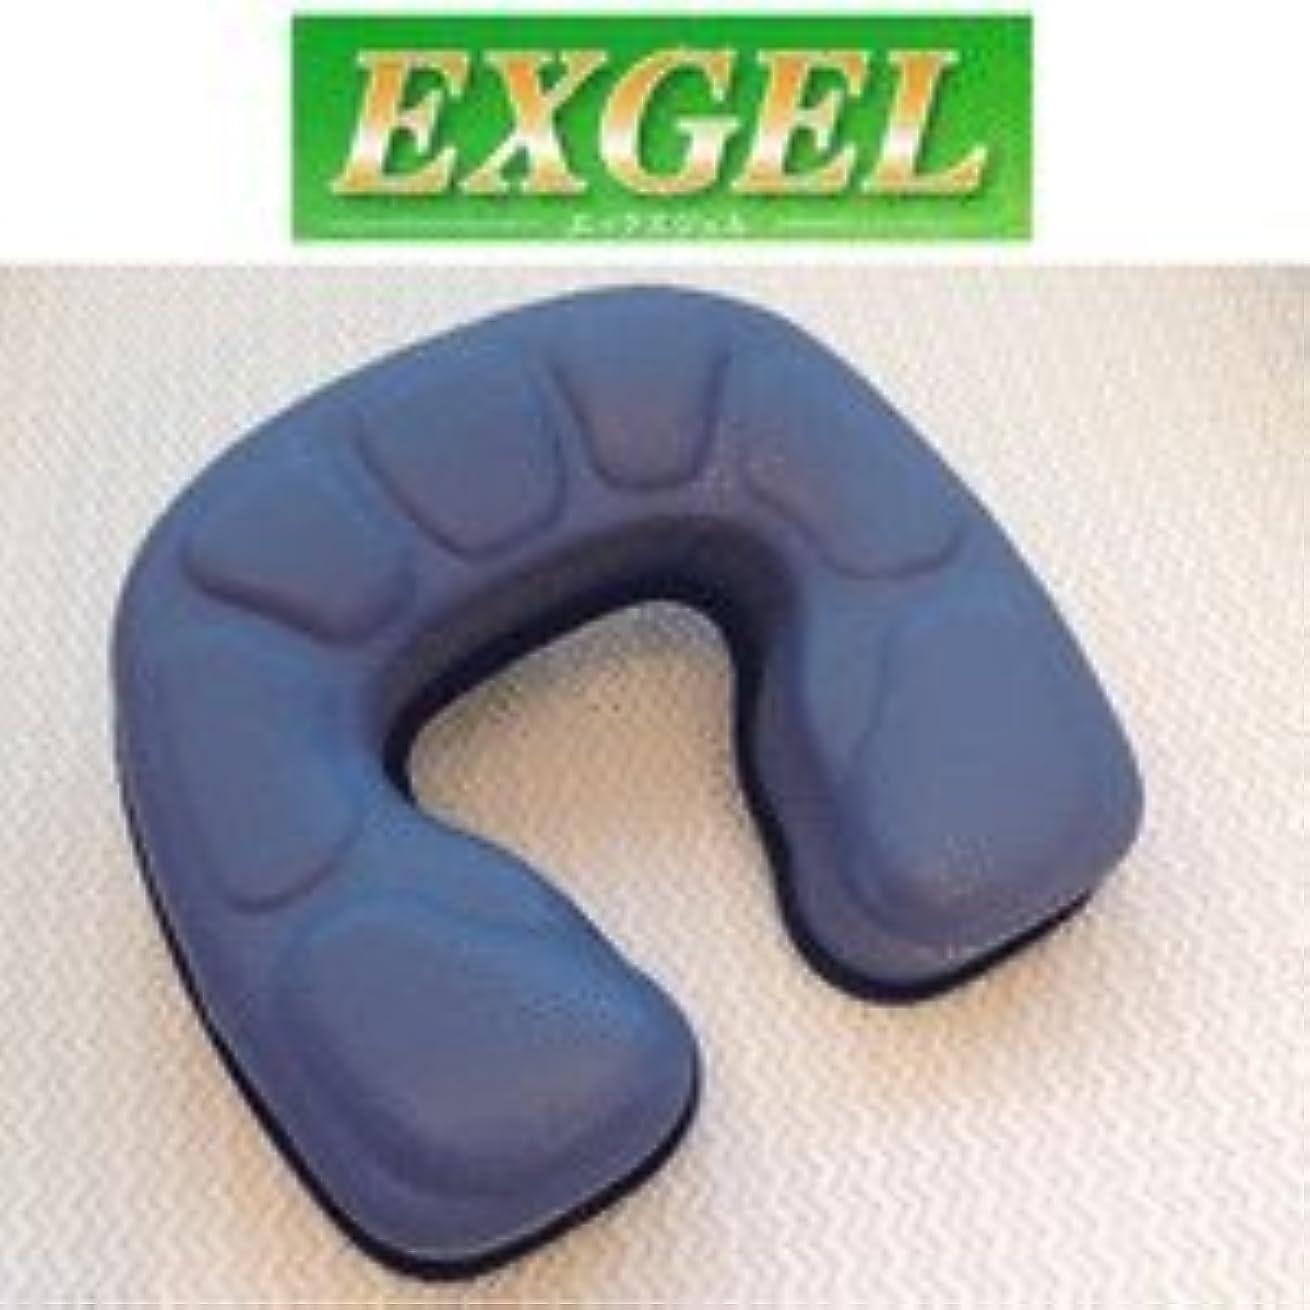 に話す既に週末EXGEL(エックスジェル) EXフェイスマット 25×26×6cm (カナケン治療?施術用枕) うつぶせ寝まくら KT-297